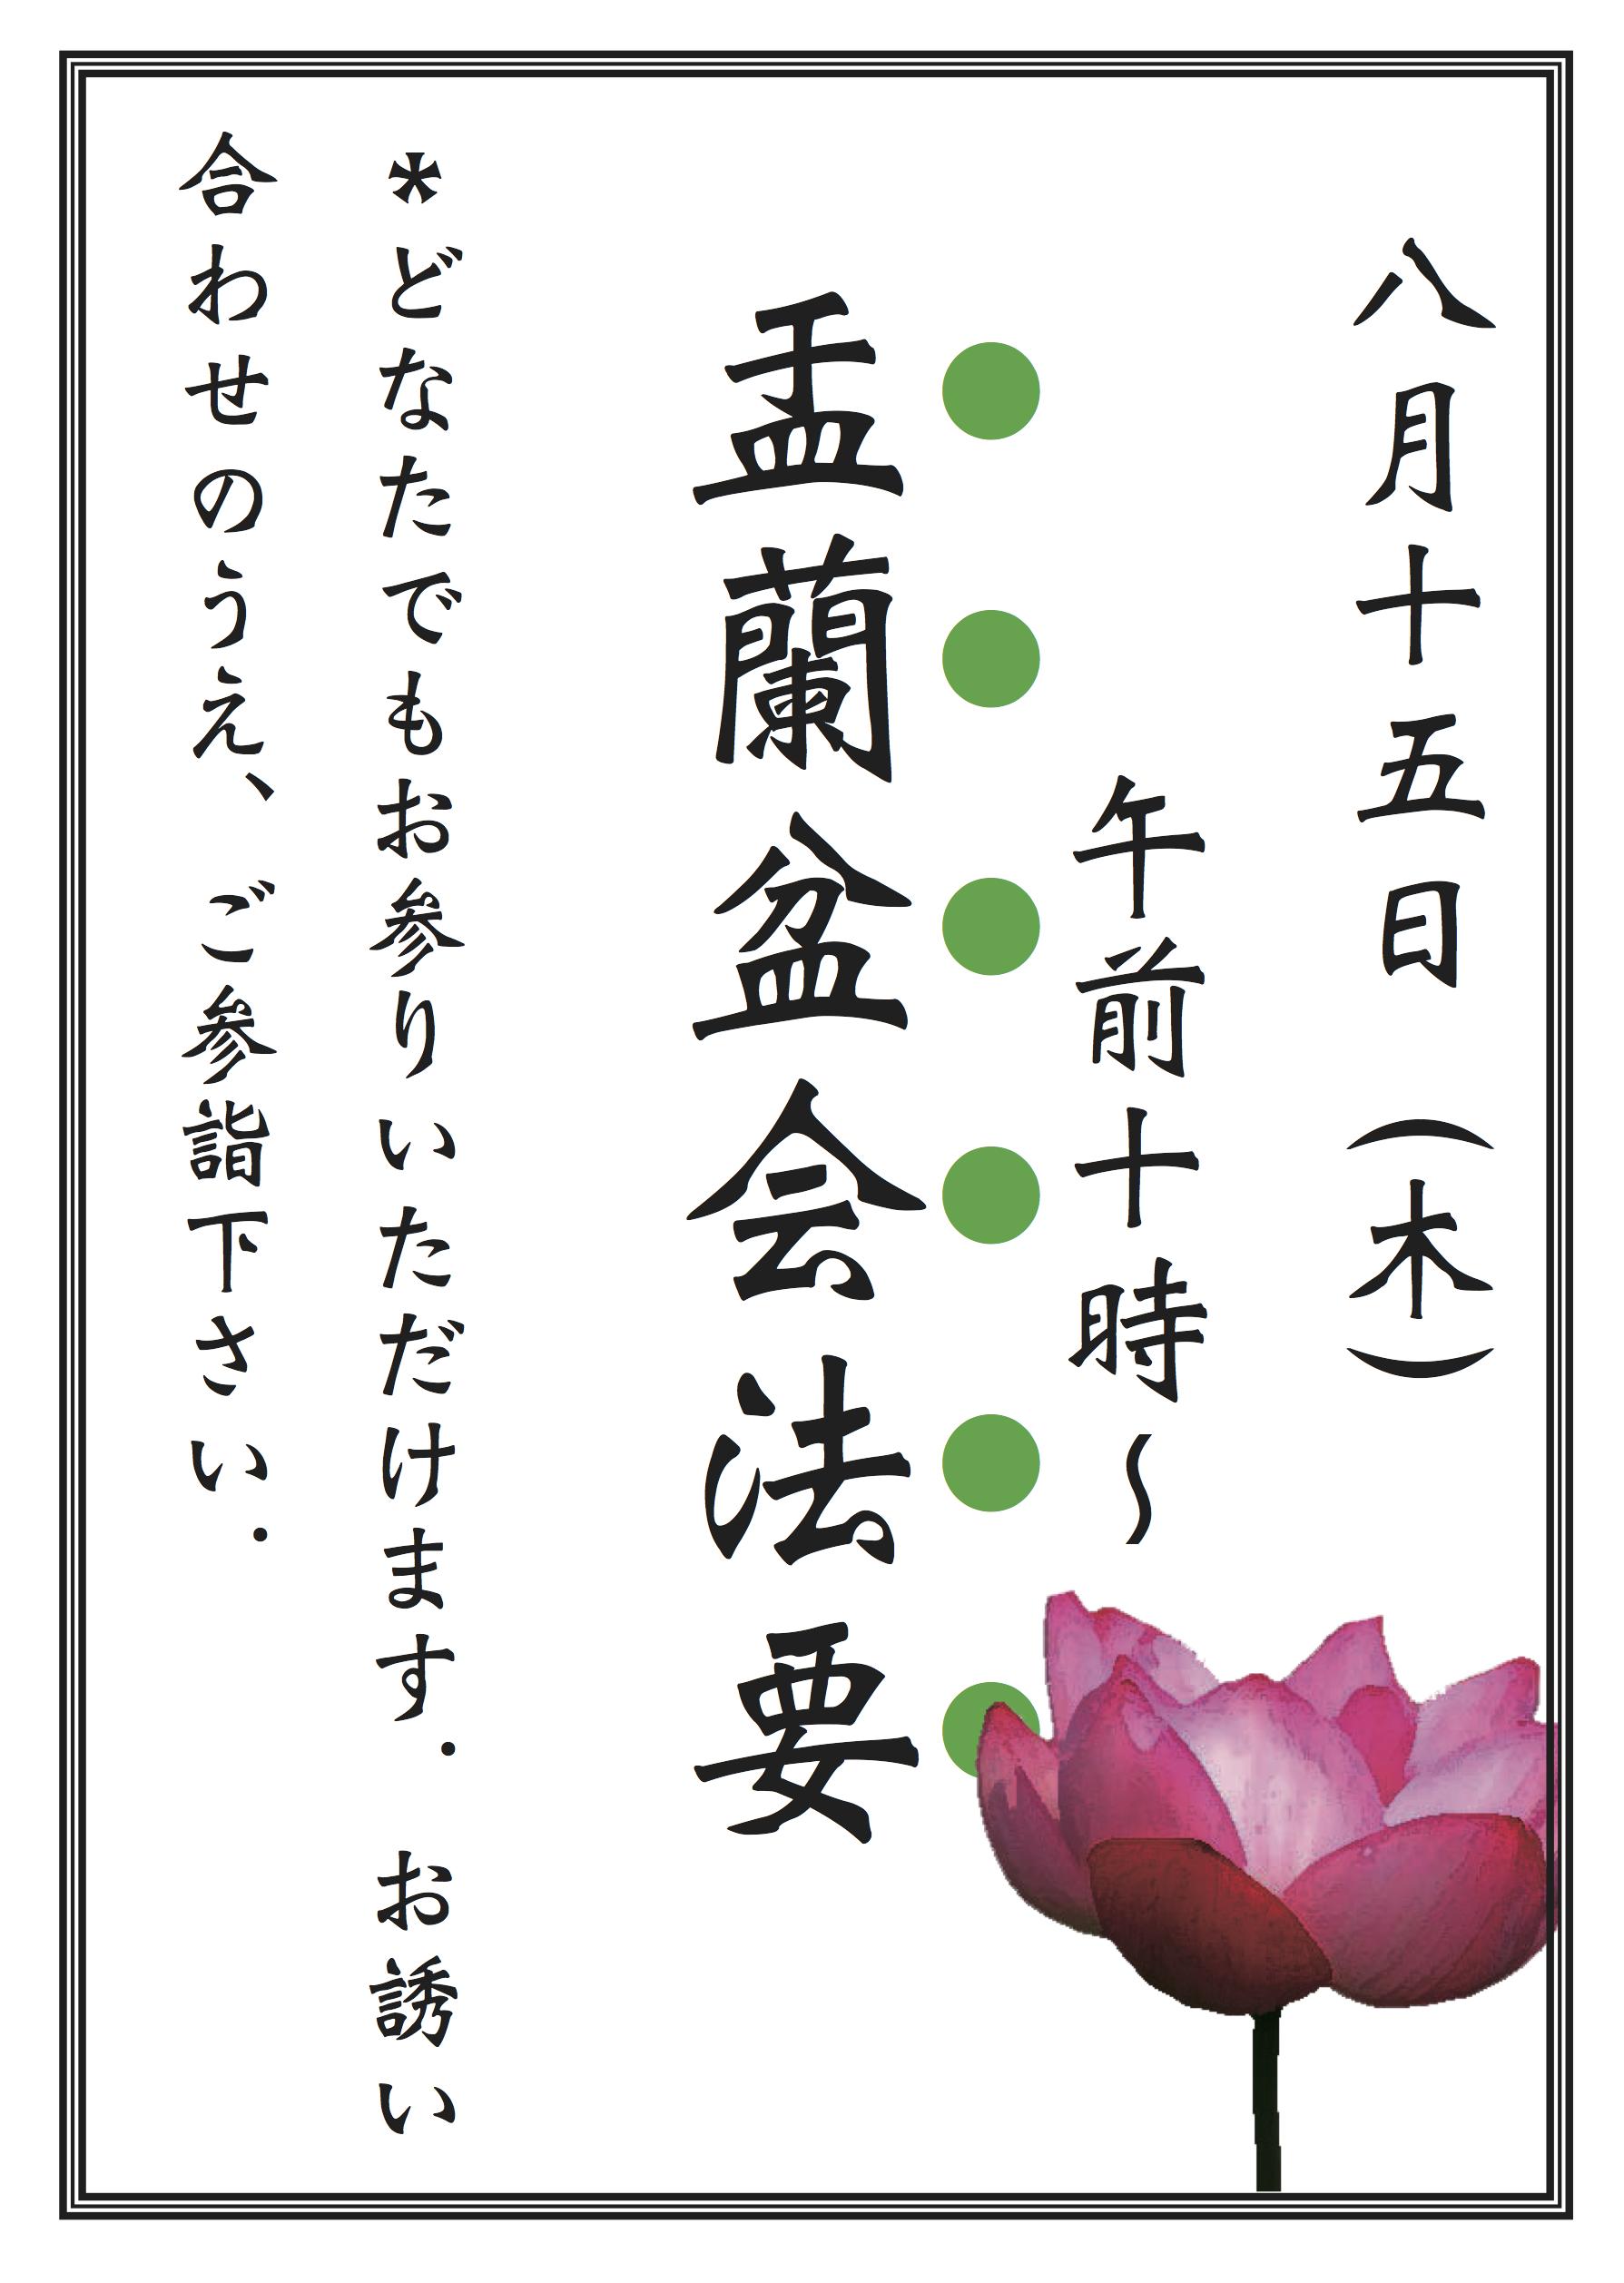 掲示板_盂蘭盆会法要2019.png